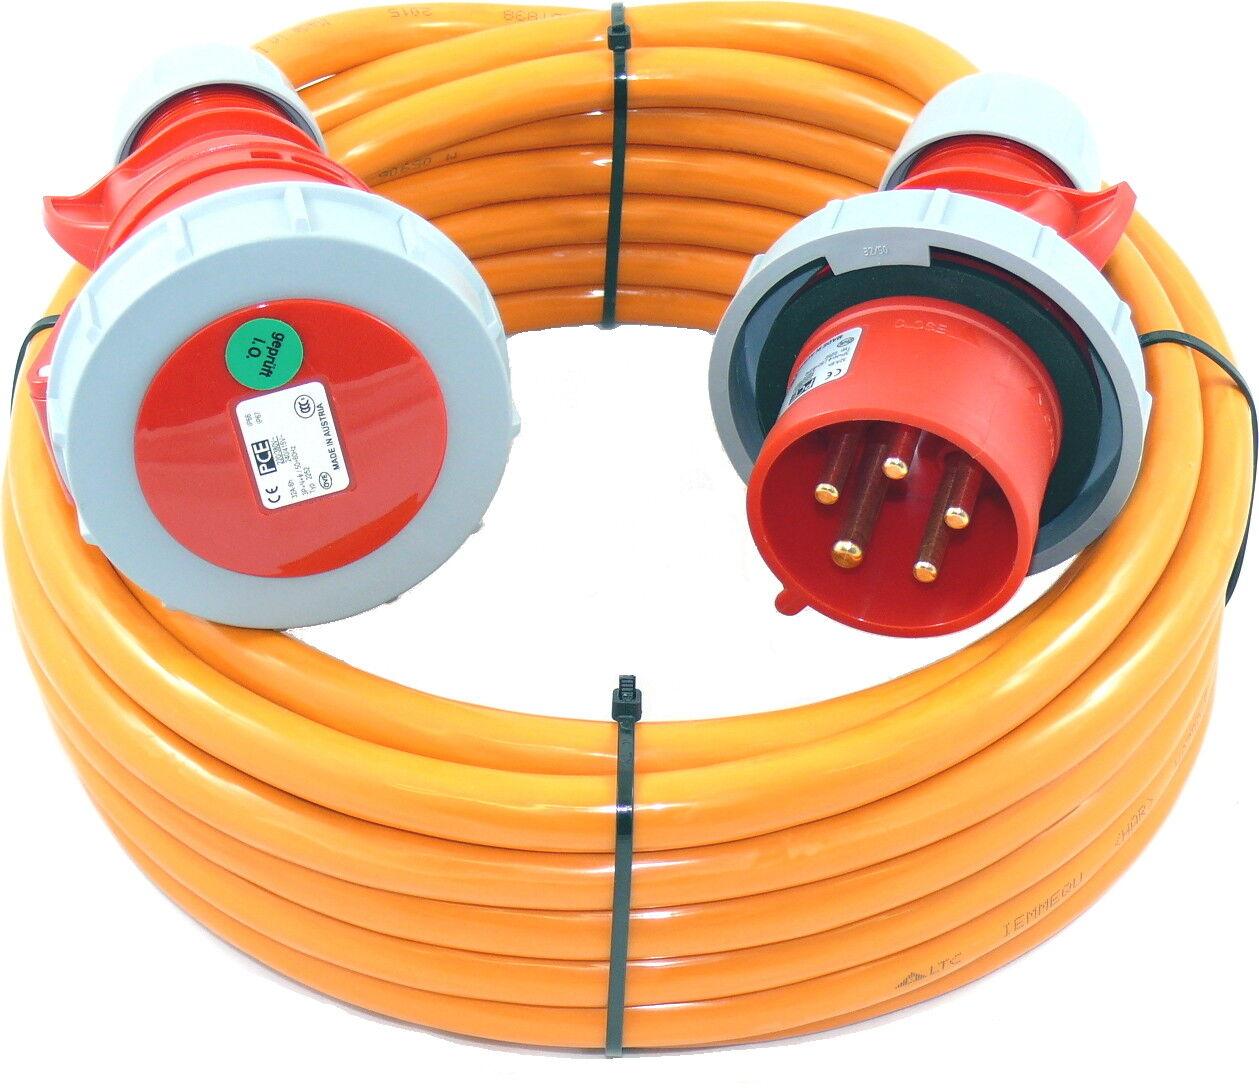 m CEE Verlängerungskabel mit PW wasserdicht H07BQ 5G6 5x6 32A IP67 40m